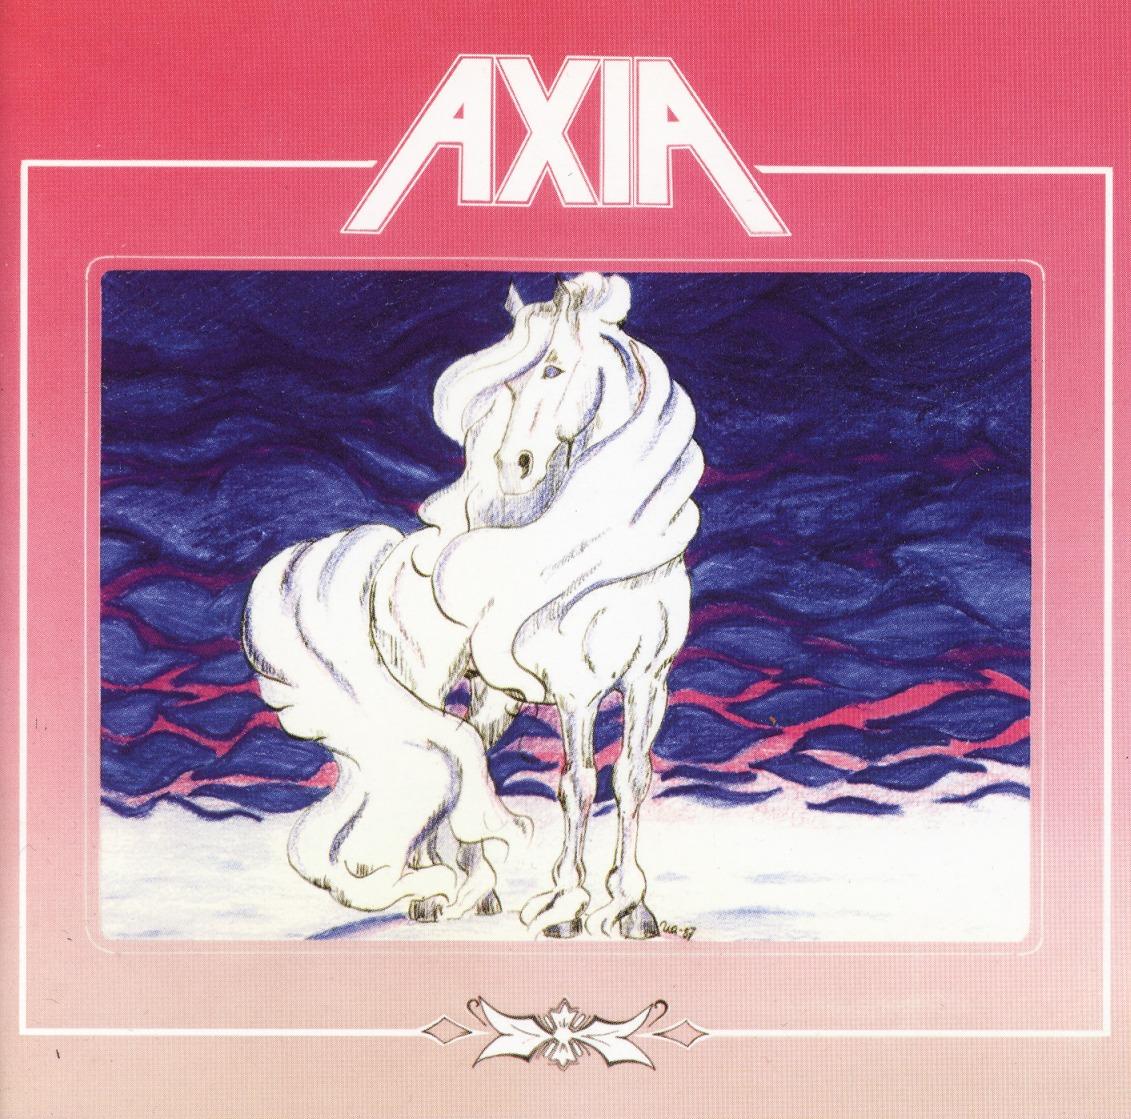 AXIA (Sweden) / Axia + 4